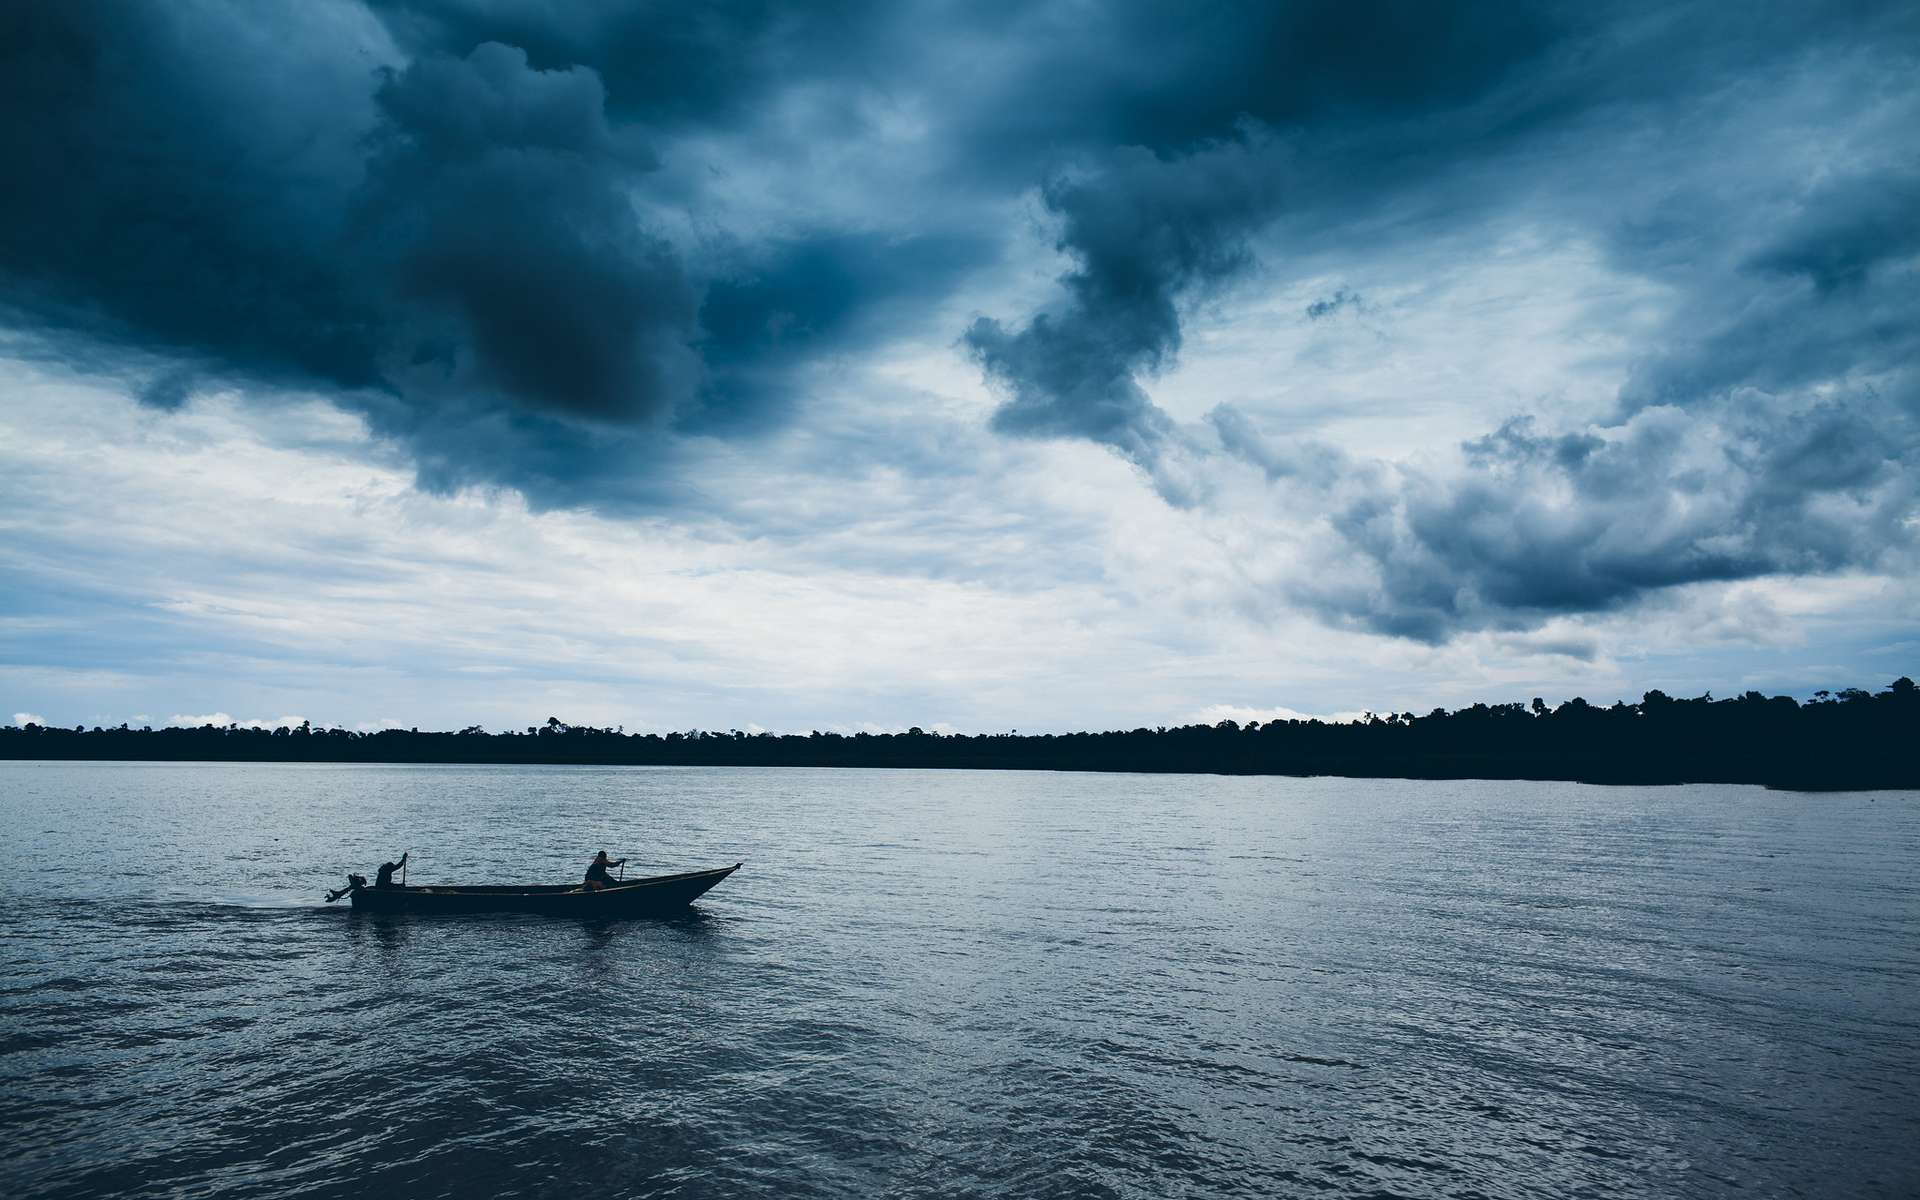 Le lac Victoria est le plus grand lac d'Afrique et le deuxième plus grand lac d'eau douce du monde. © Usaid, Flickr